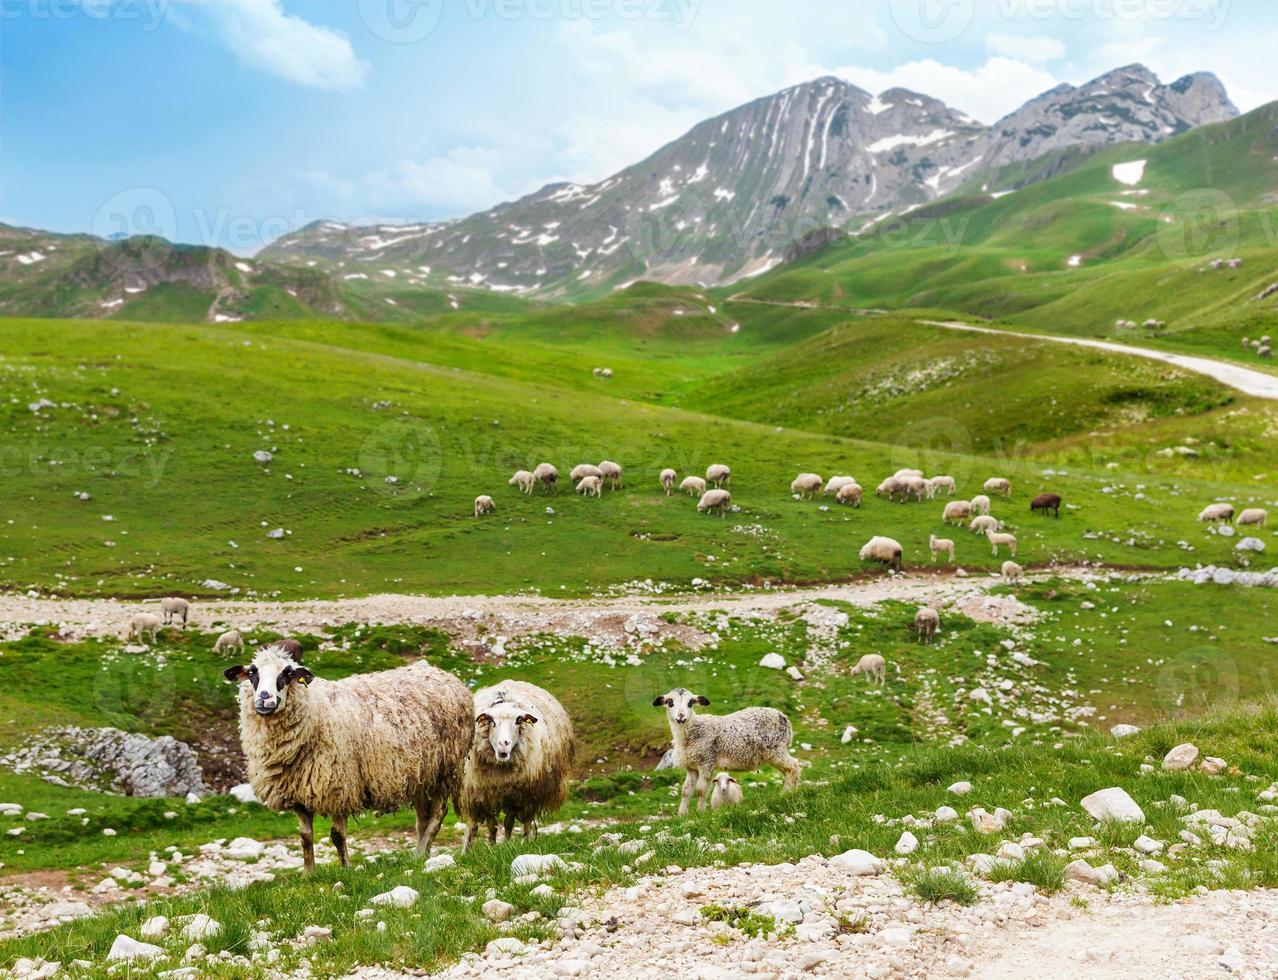 kudde schapen in de bergen foto